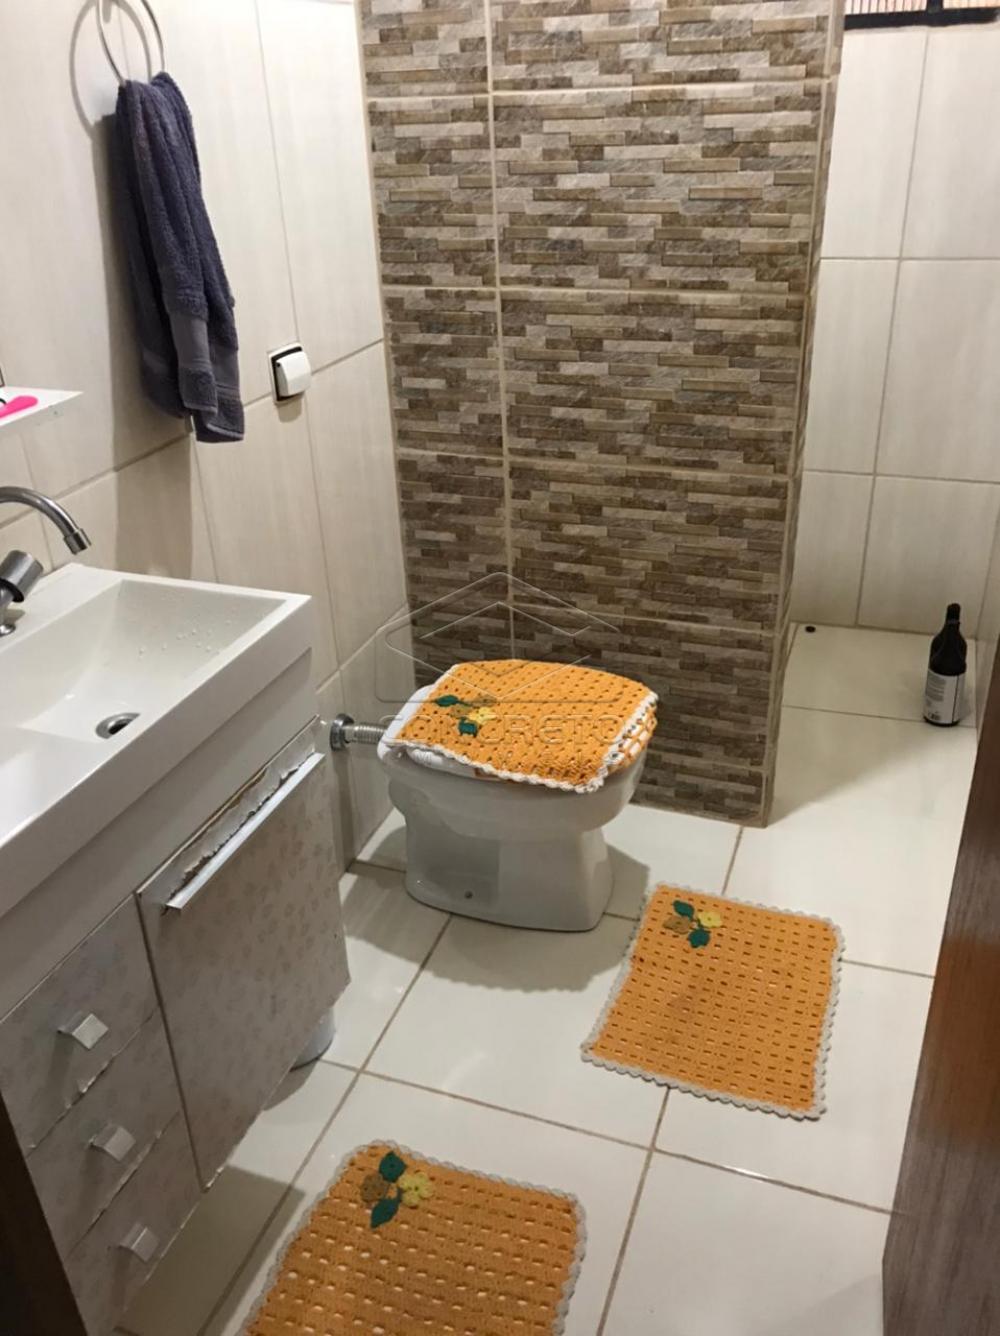 Comprar Casa / Residencia em Jaú apenas R$ 130.000,00 - Foto 4